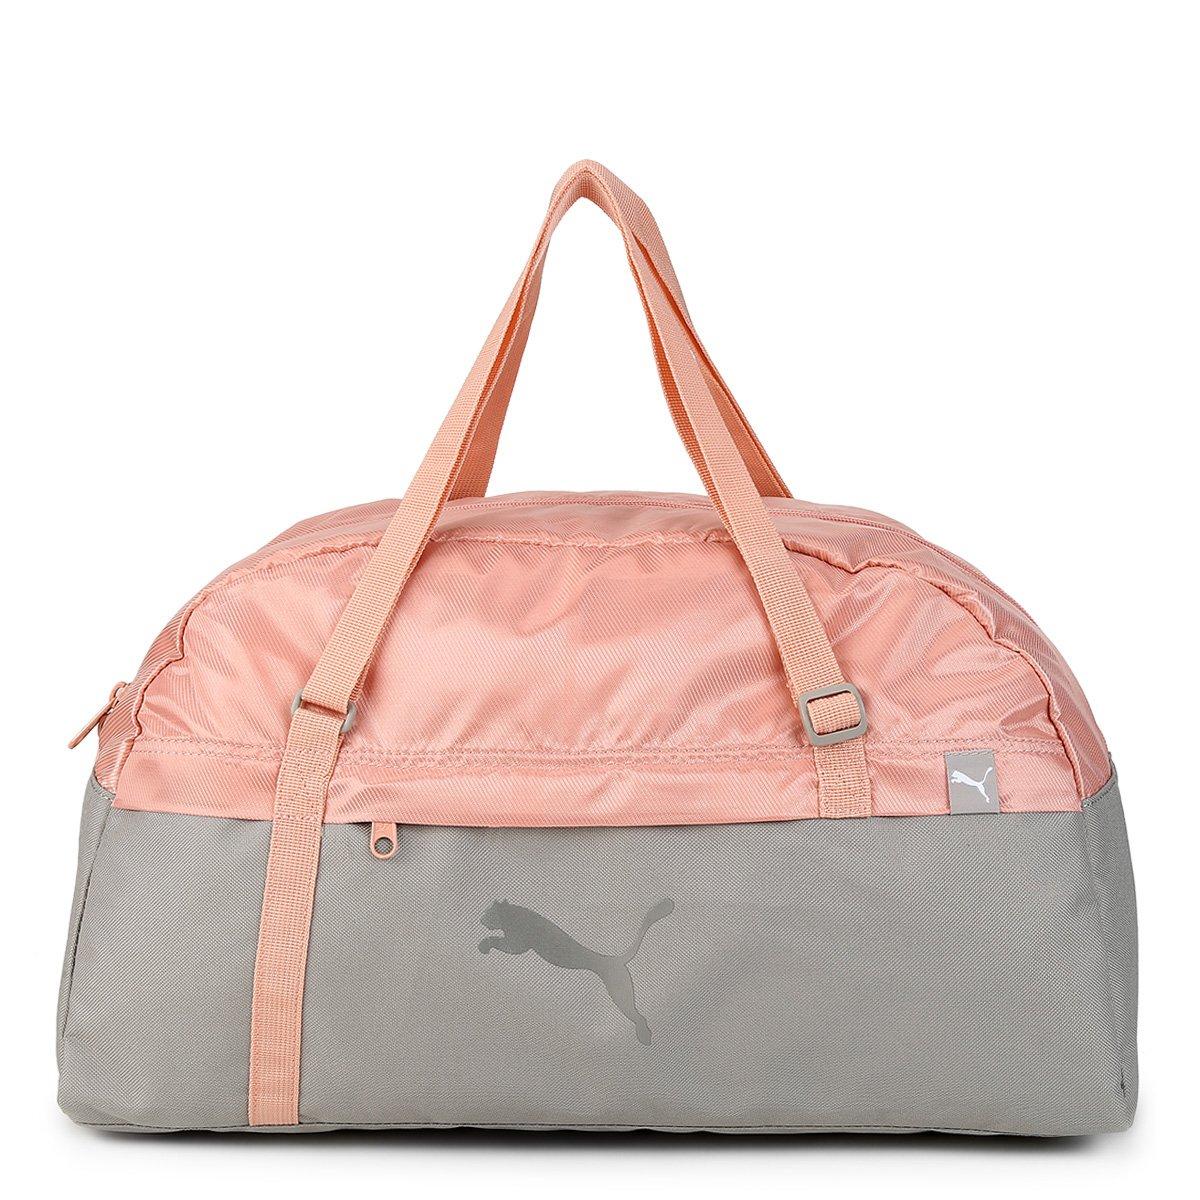 Bolsa Puma Core Active Sportsbag M Ep - Compre Agora  af3ad2cca6dfc